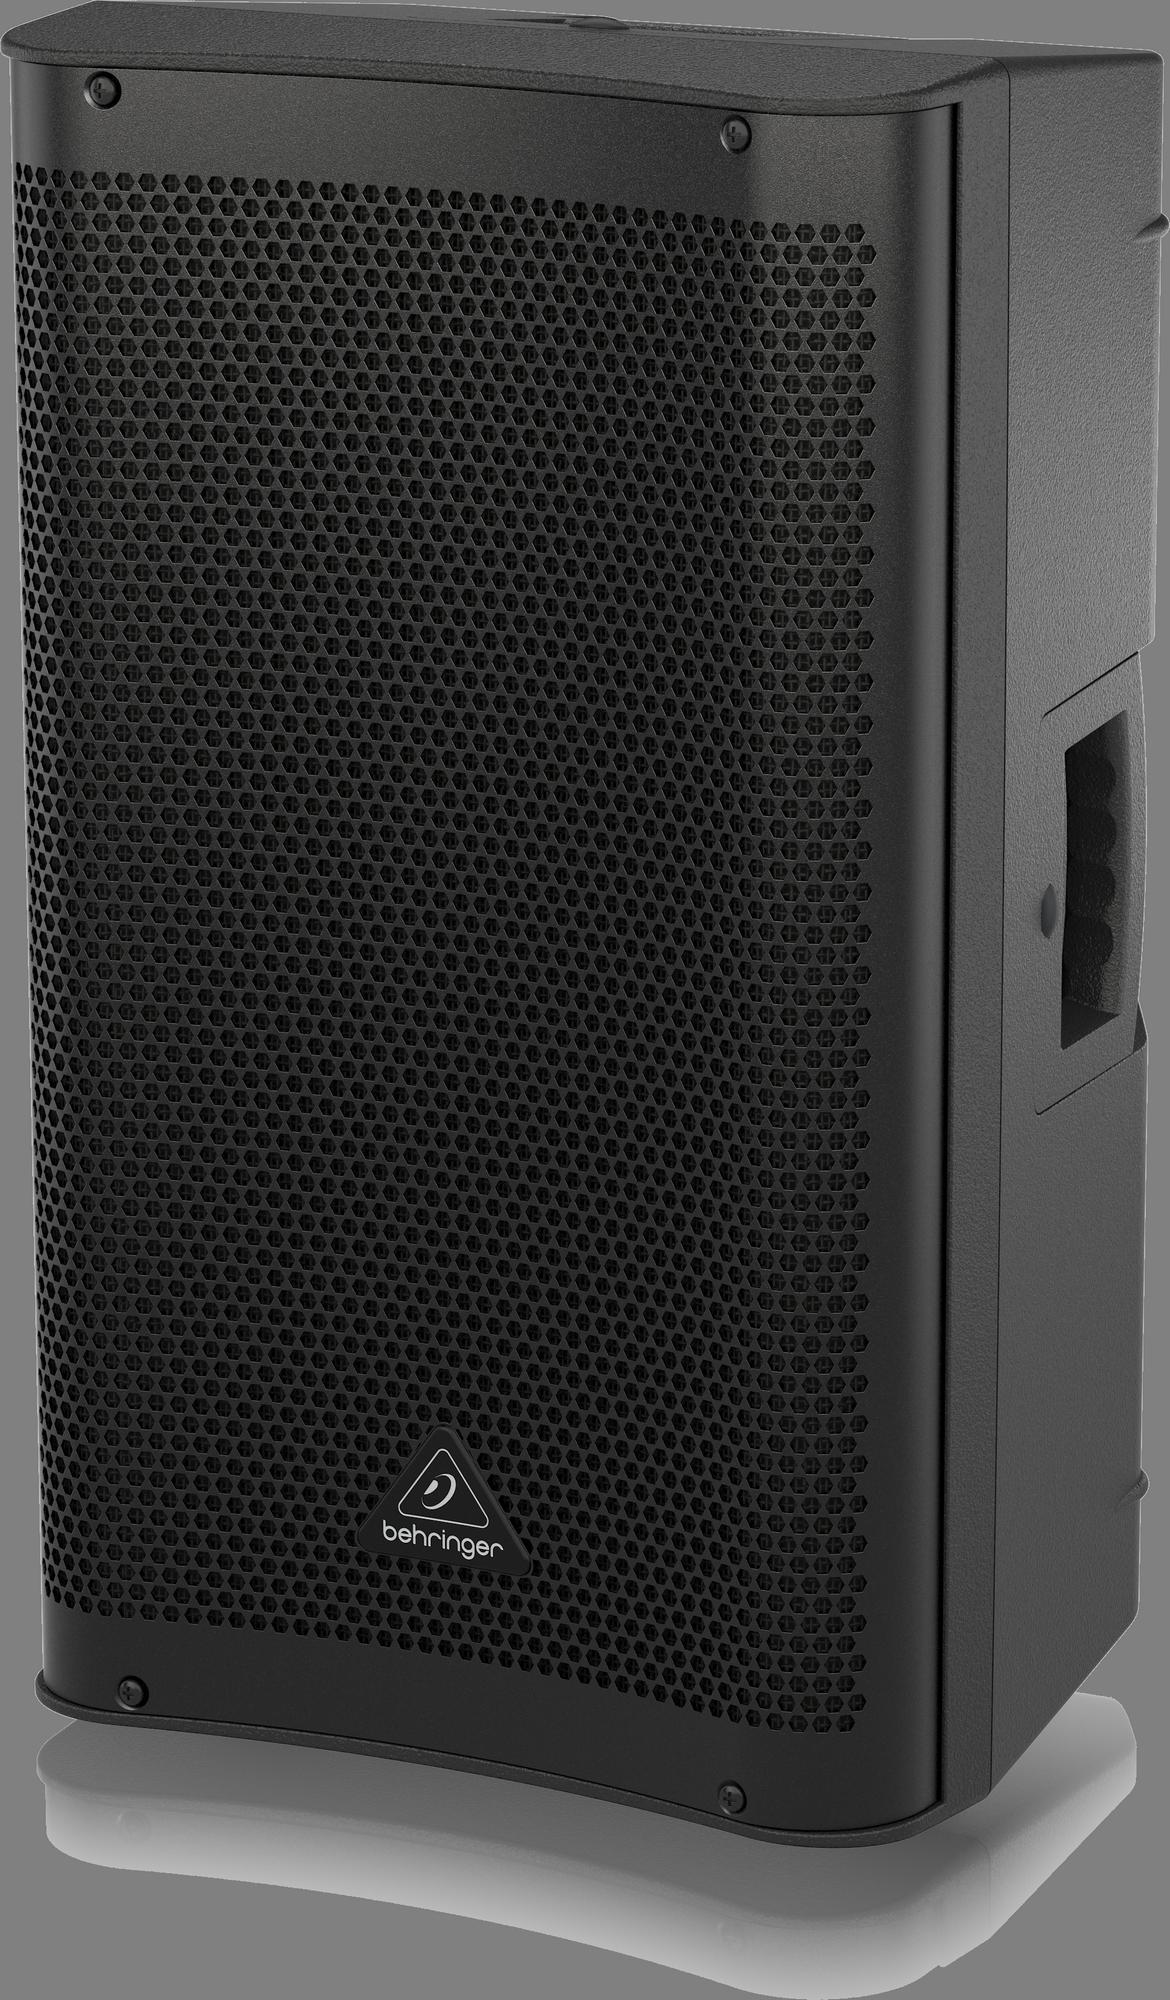 Behringer DR112DSP - Loudspeaker